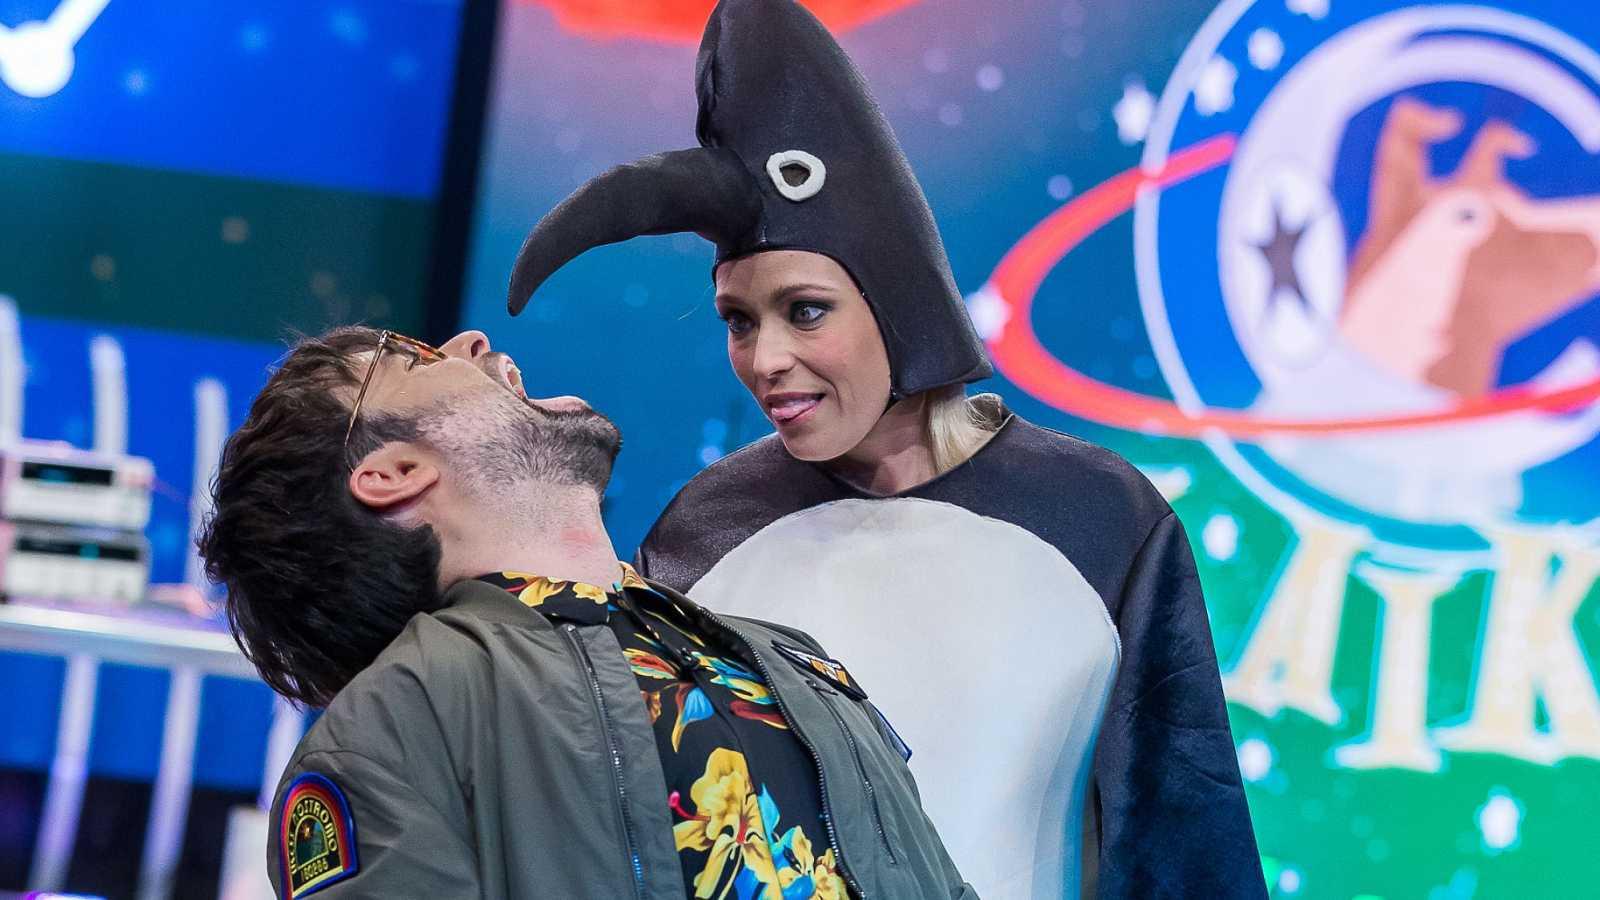 Ricardo Moure y Raquel Sastre en Órbita Laika sobre volar